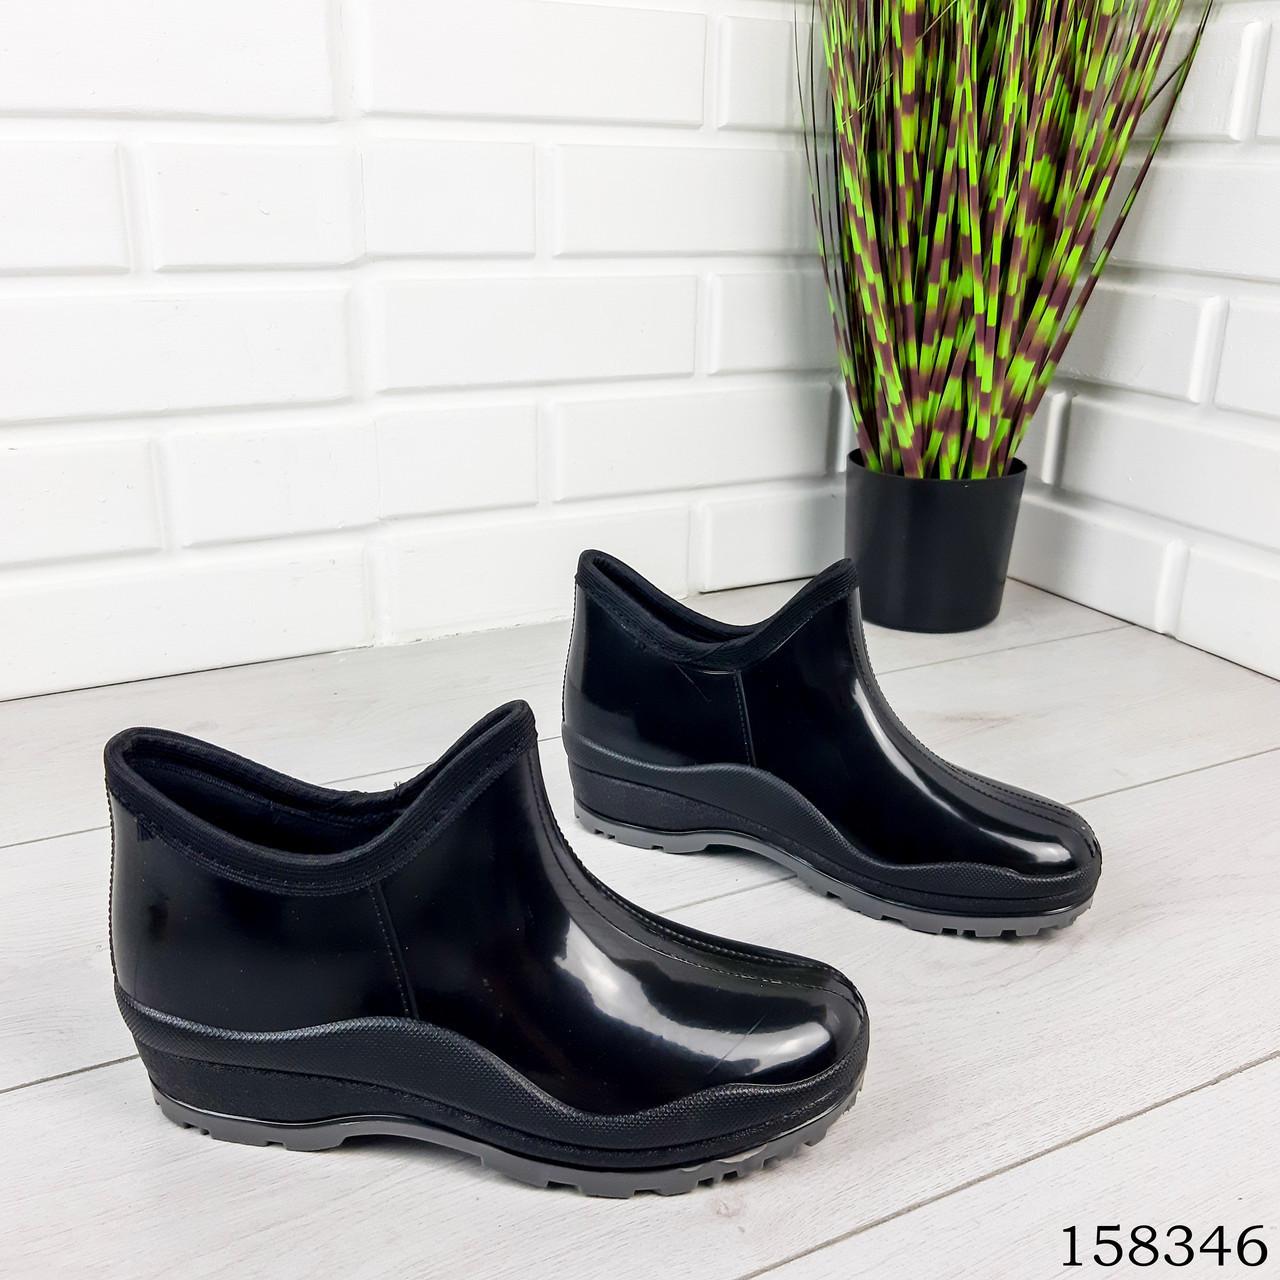 Женские ботинки демисезонные черного цвета из литой резины